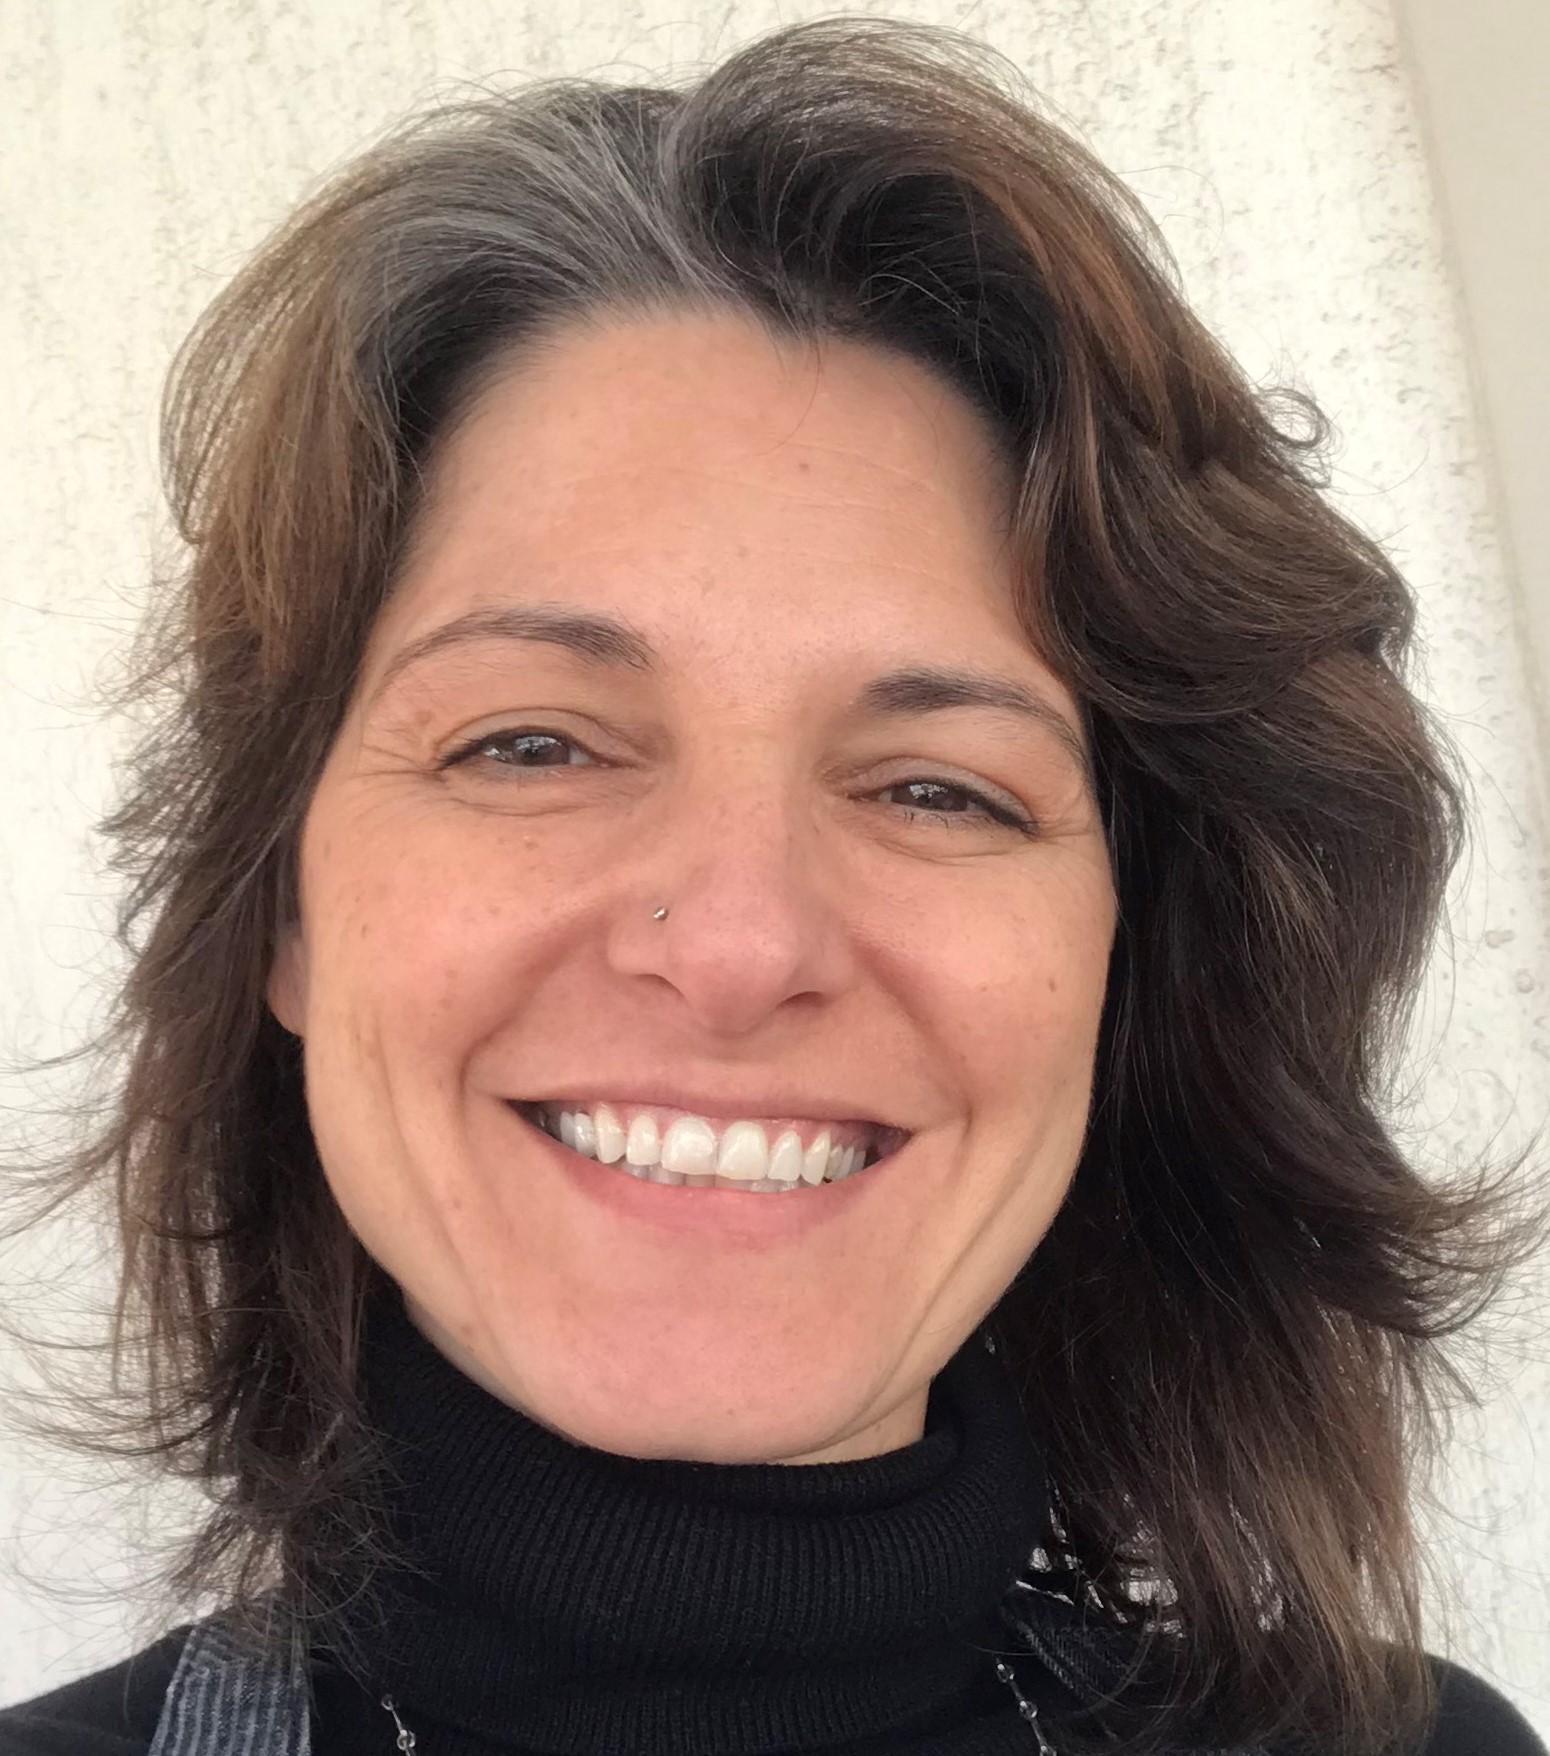 Vera Lardi